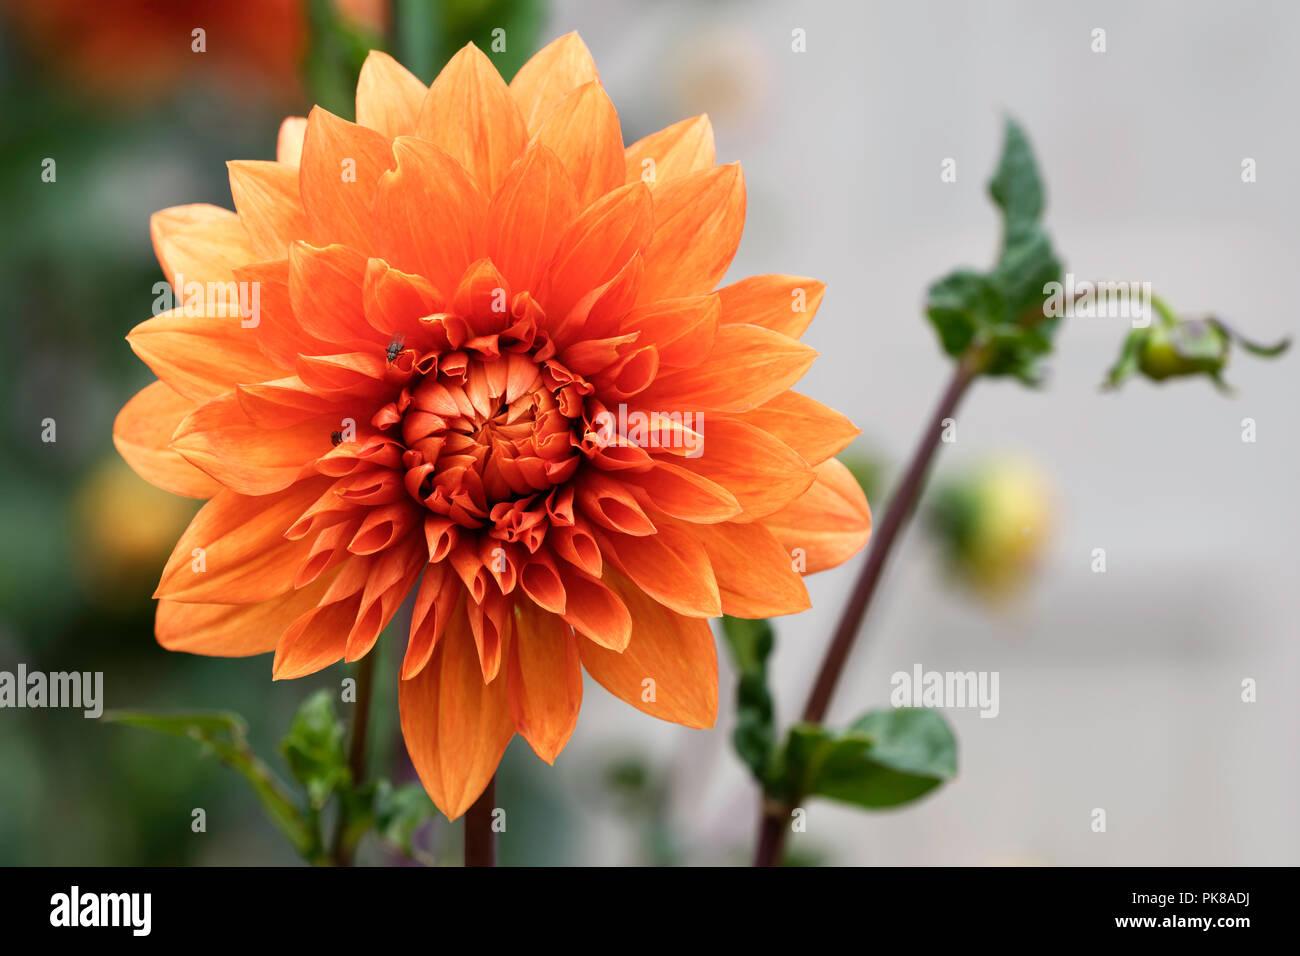 Orange Dahlia Flower Stock Photo 218386718 Alamy